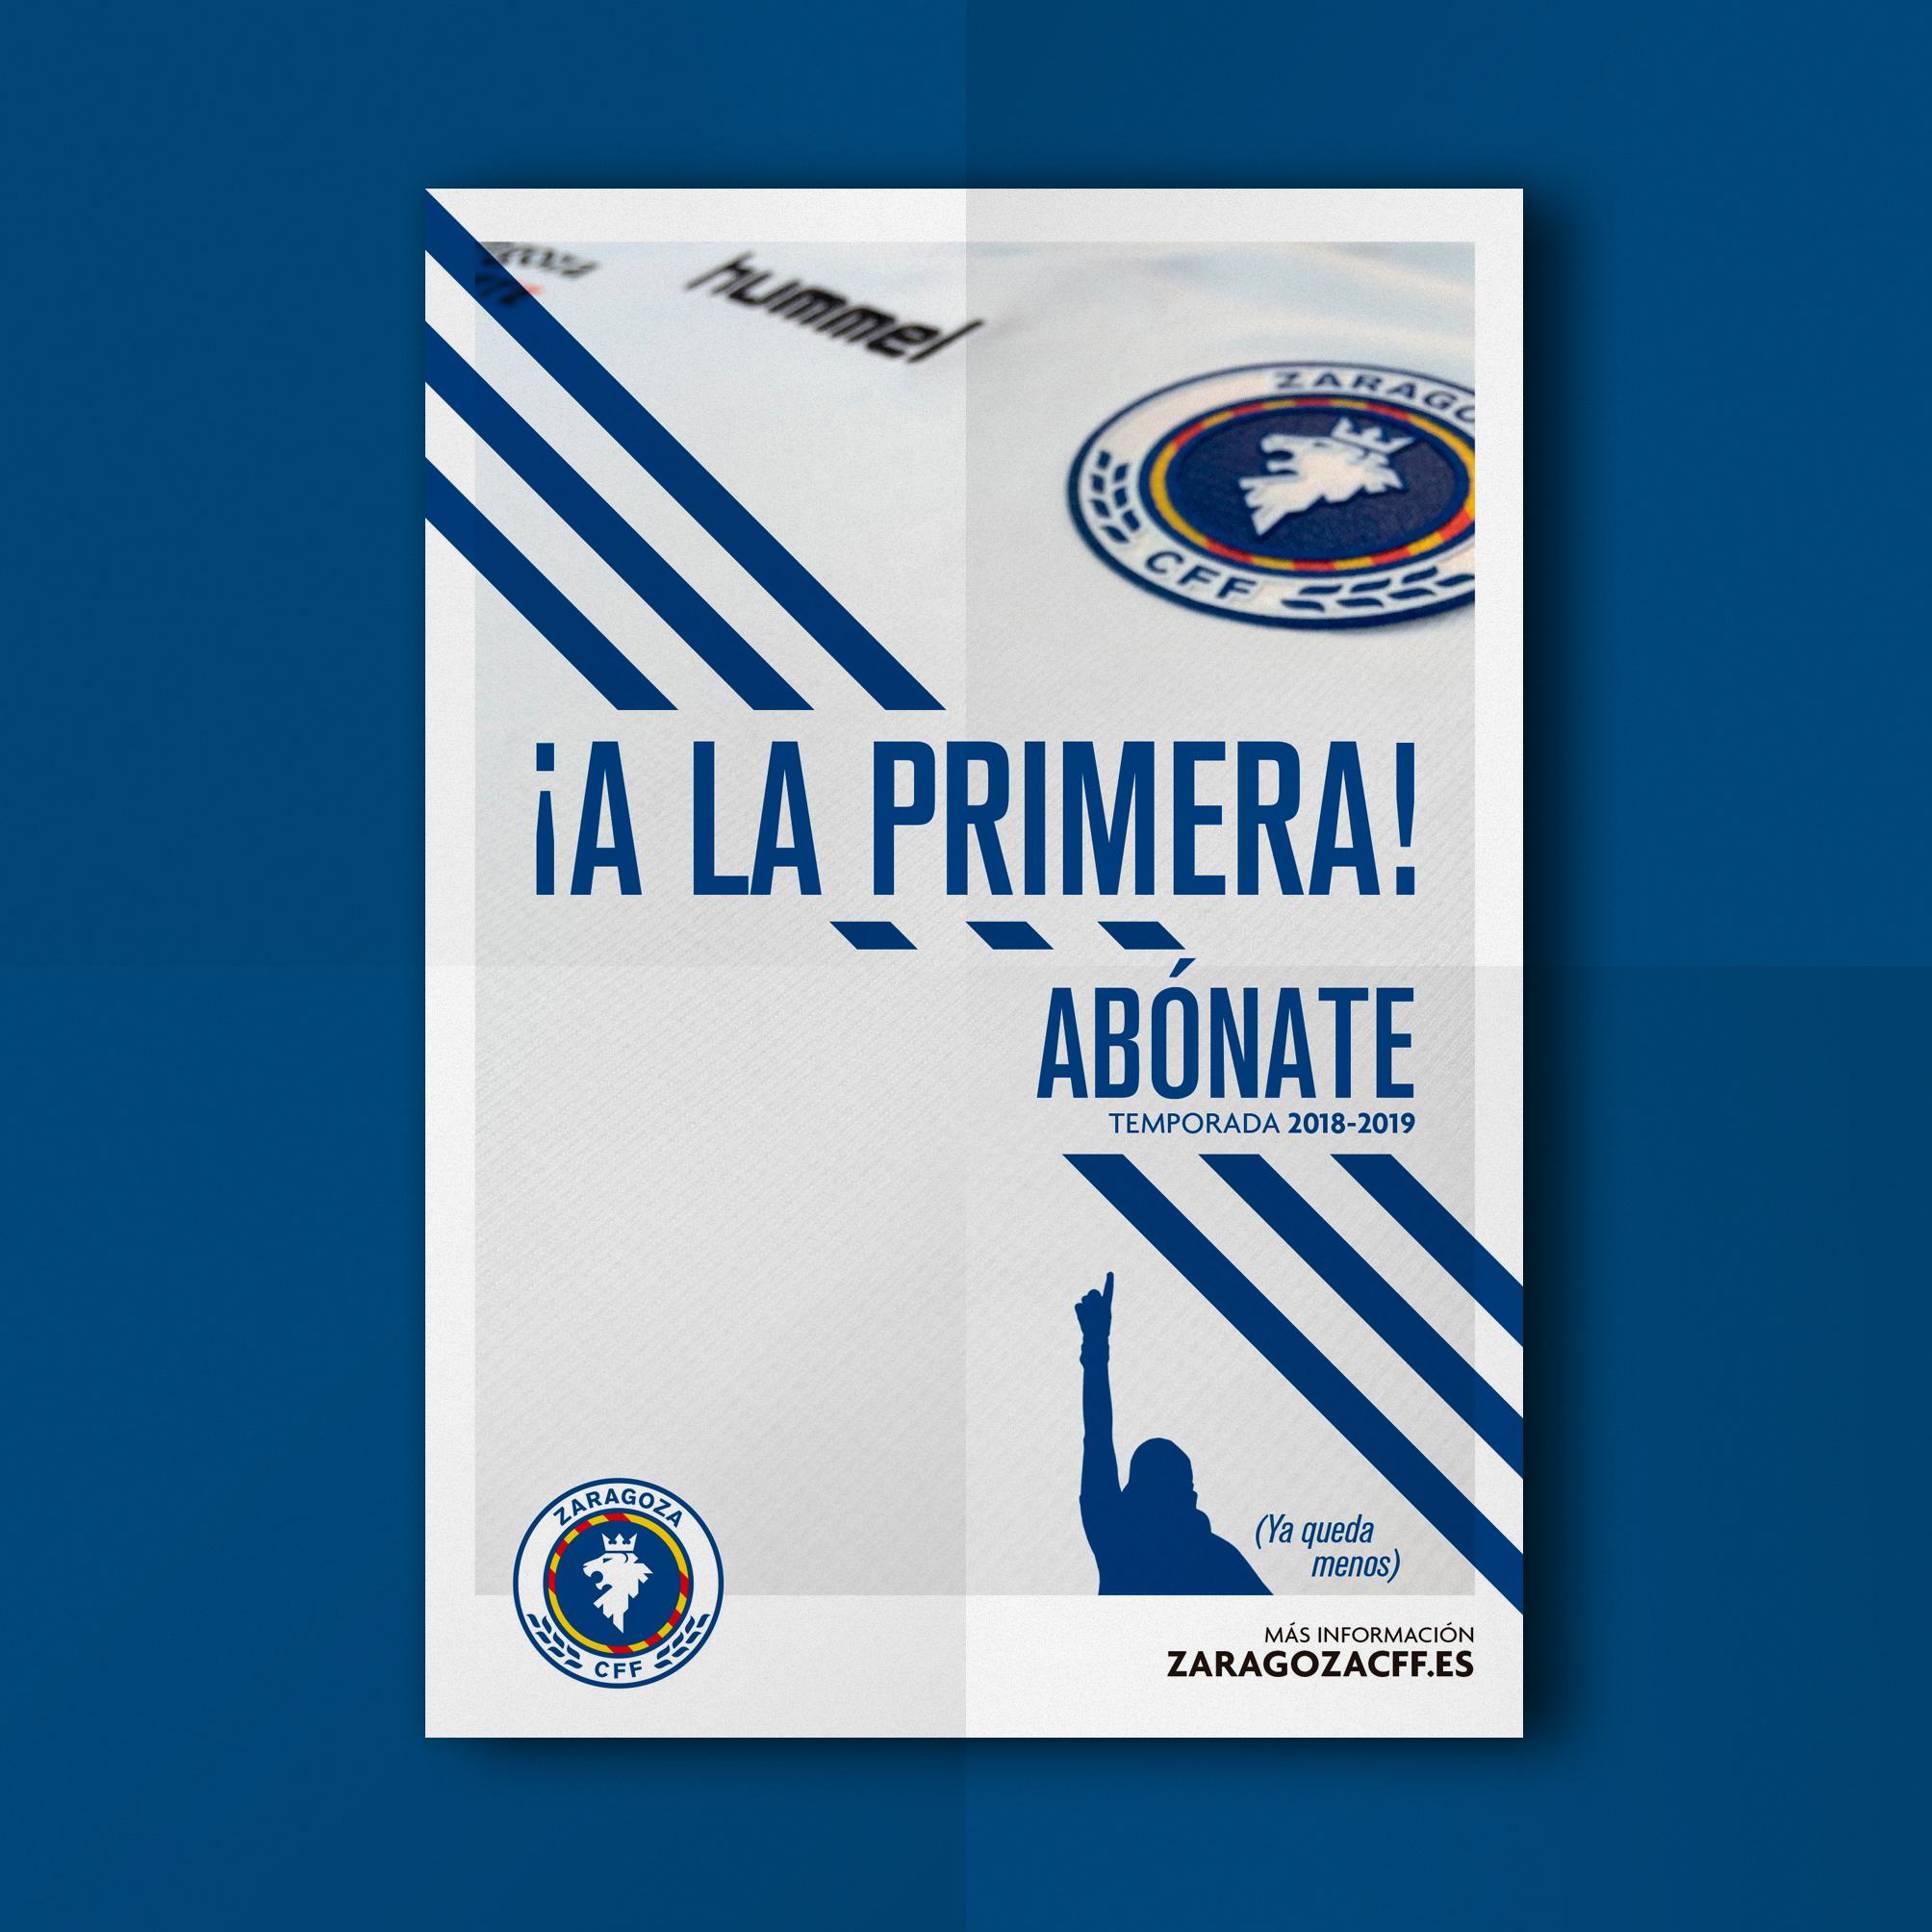 Cartel campaña abonos Zaragoza CFF